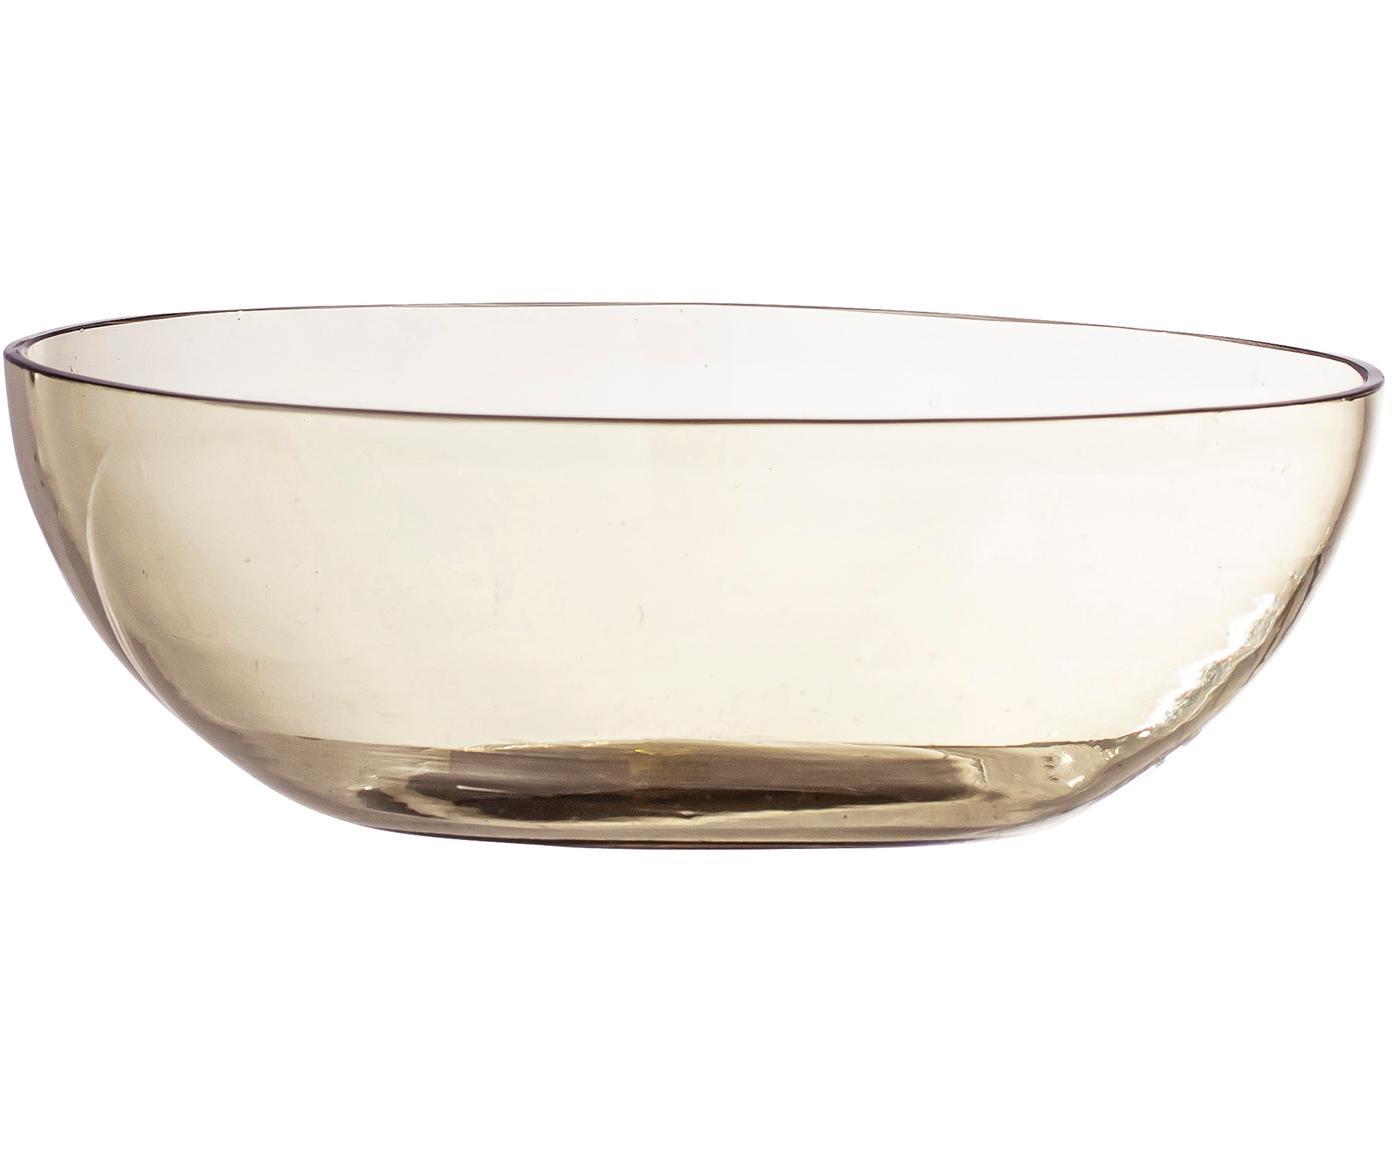 Cuenco de vidrio reciclado Casie, Vidrio reciclado, Marrón, transparente, Ø 5 x Al 15 cm